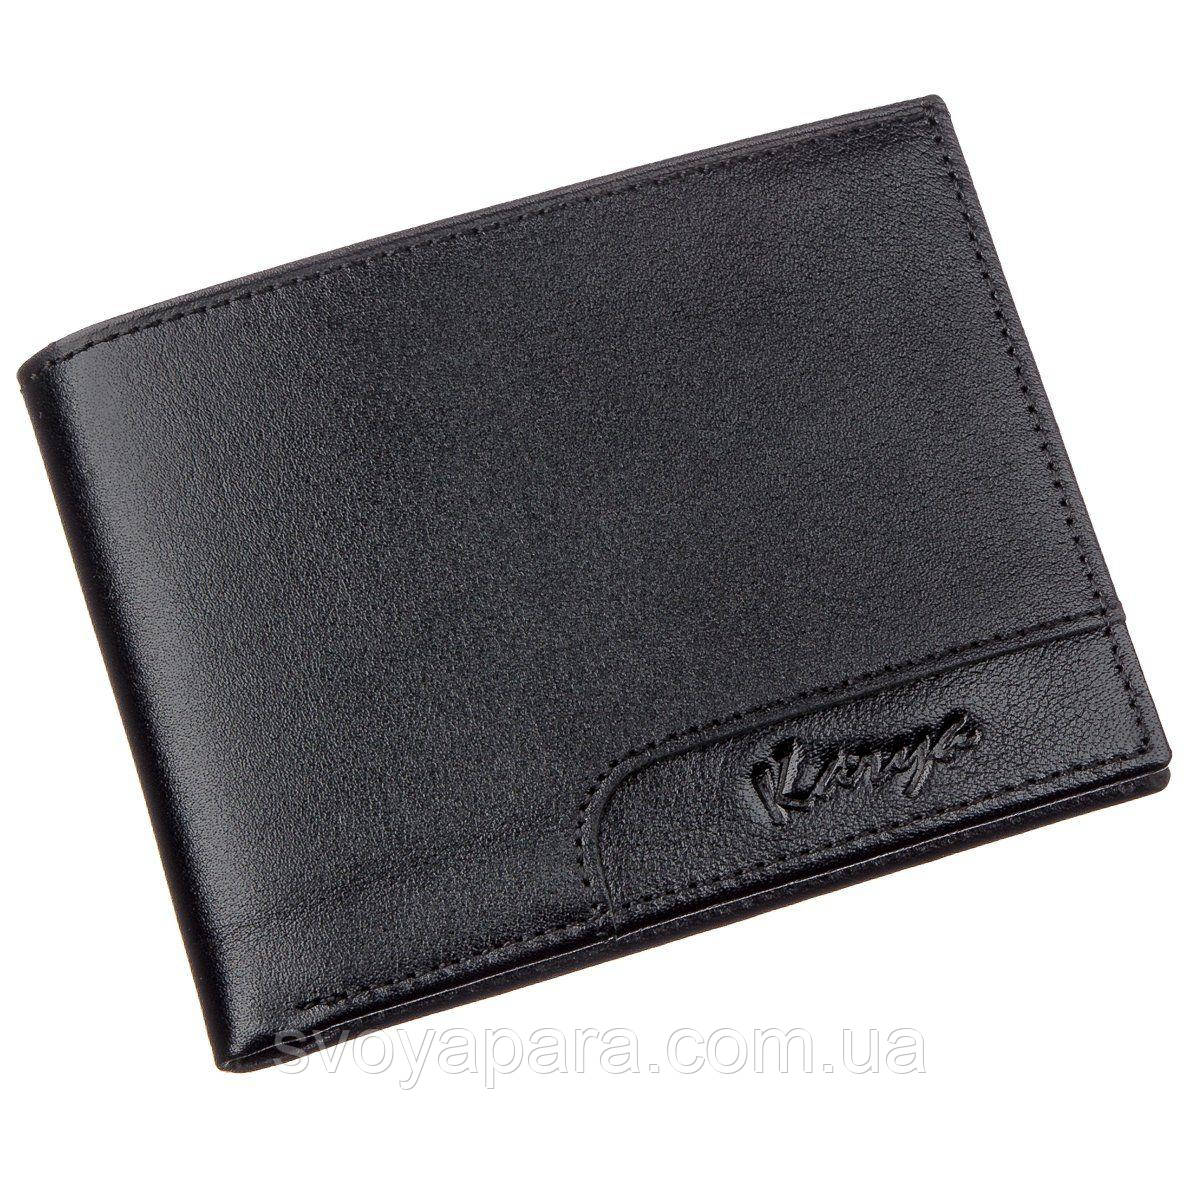 Тонкий мужской бумажник гладкая кожа KARYA 17380 Черный